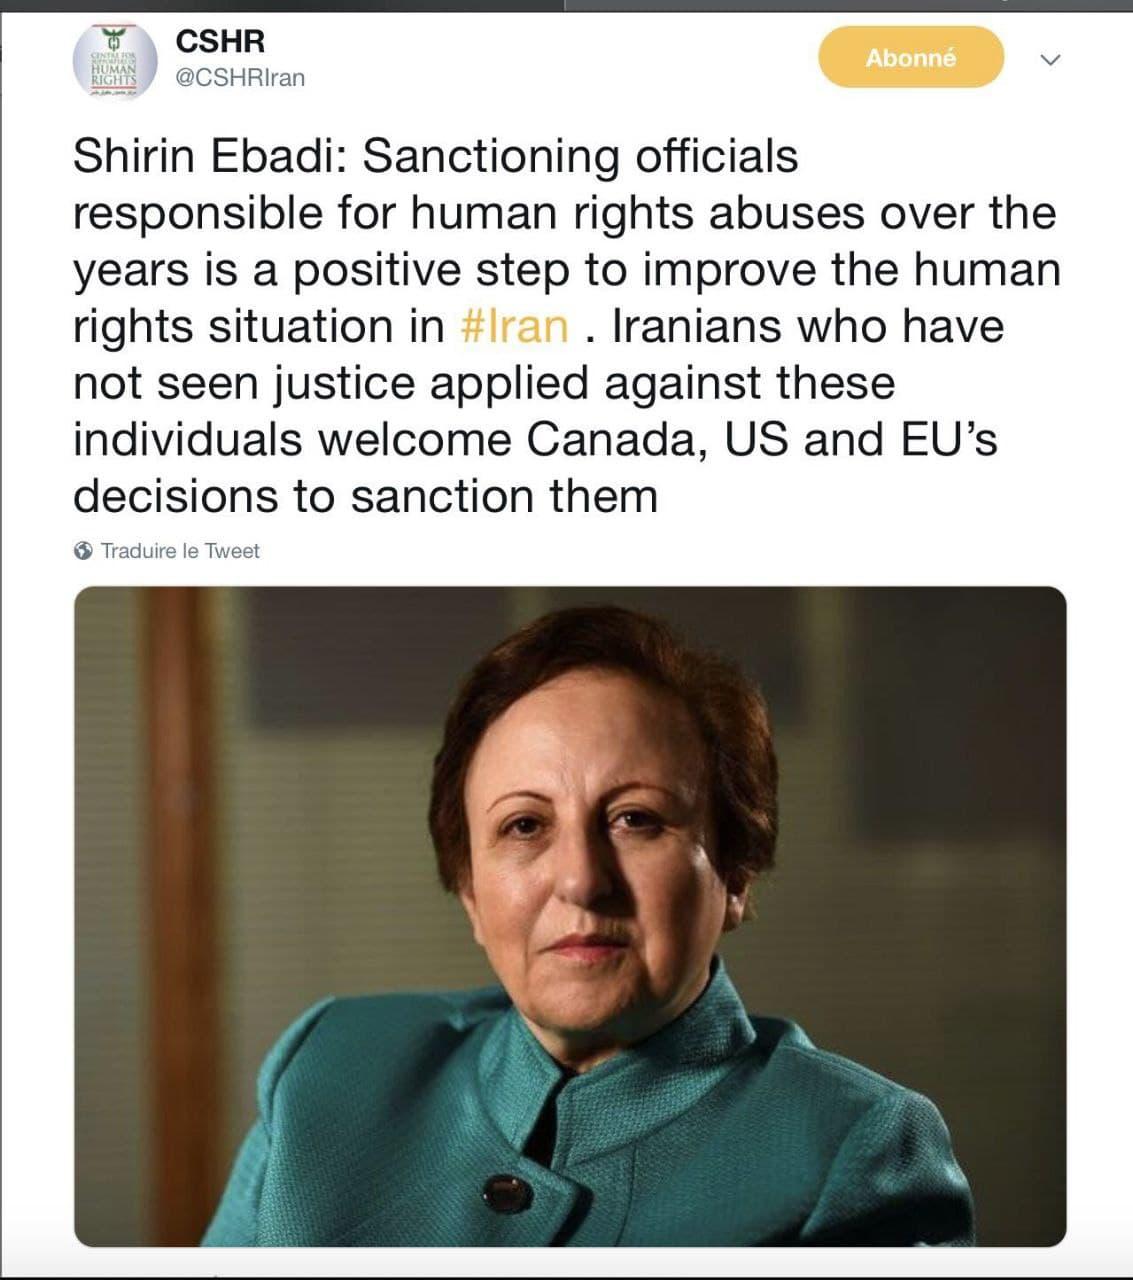 پشت پرده شبکه بینالمللی تحریم دارو در ایران/ شناسایی خانه شیطان در تهران! +تصاویر